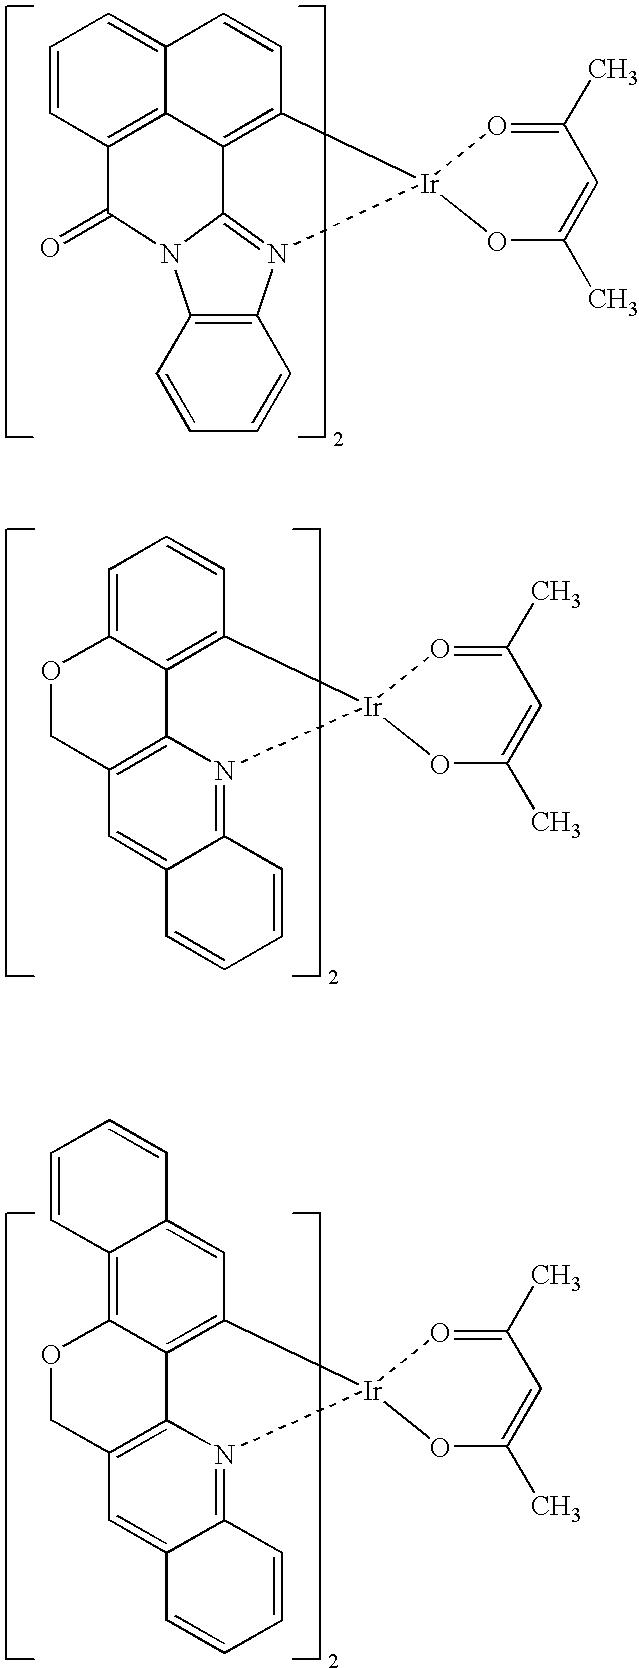 Figure US20060186796A1-20060824-C00083